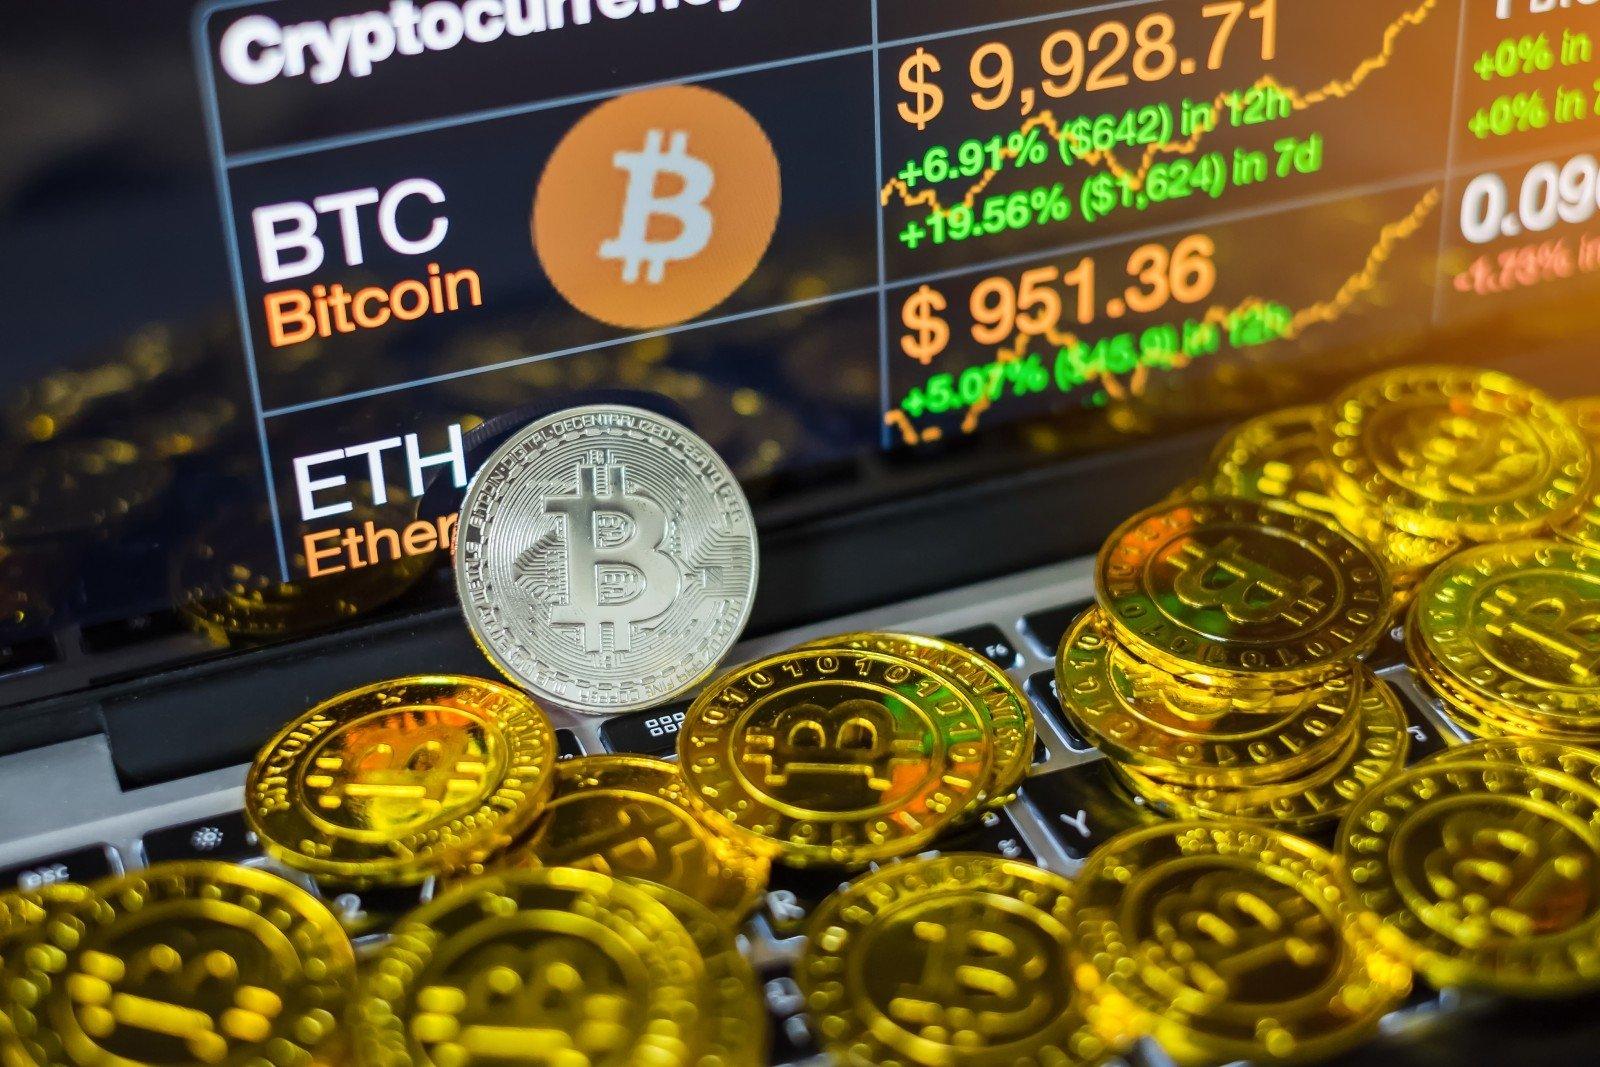 kas bus kitas investuojamas bitkoinas opcionai kuriais prekiaujama siaubo istorijomis